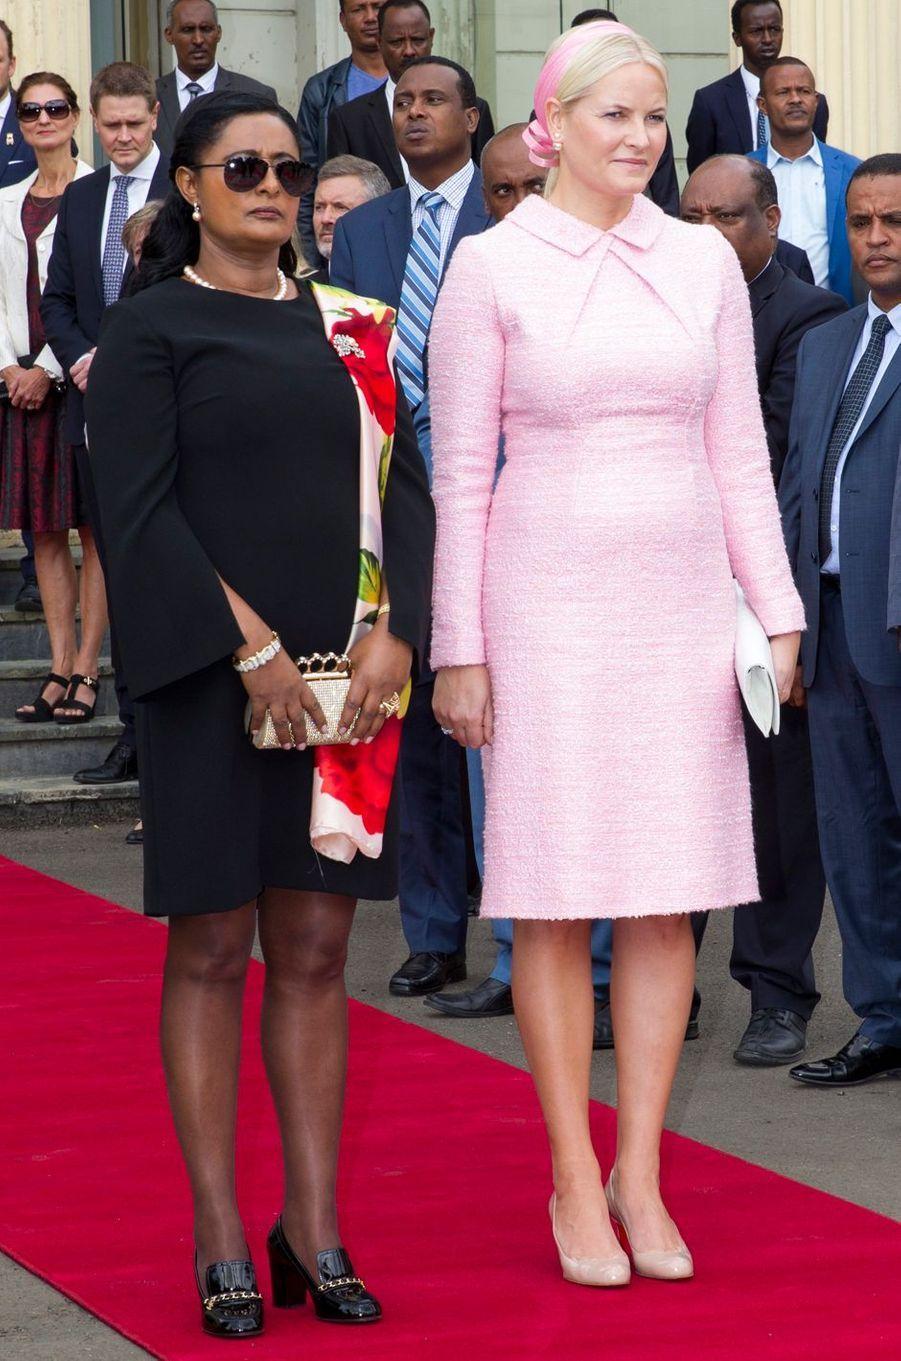 La princesse Mette-Marit de Norvège débute sa visite officielle en Ethiopie, le 7 novembre 2017